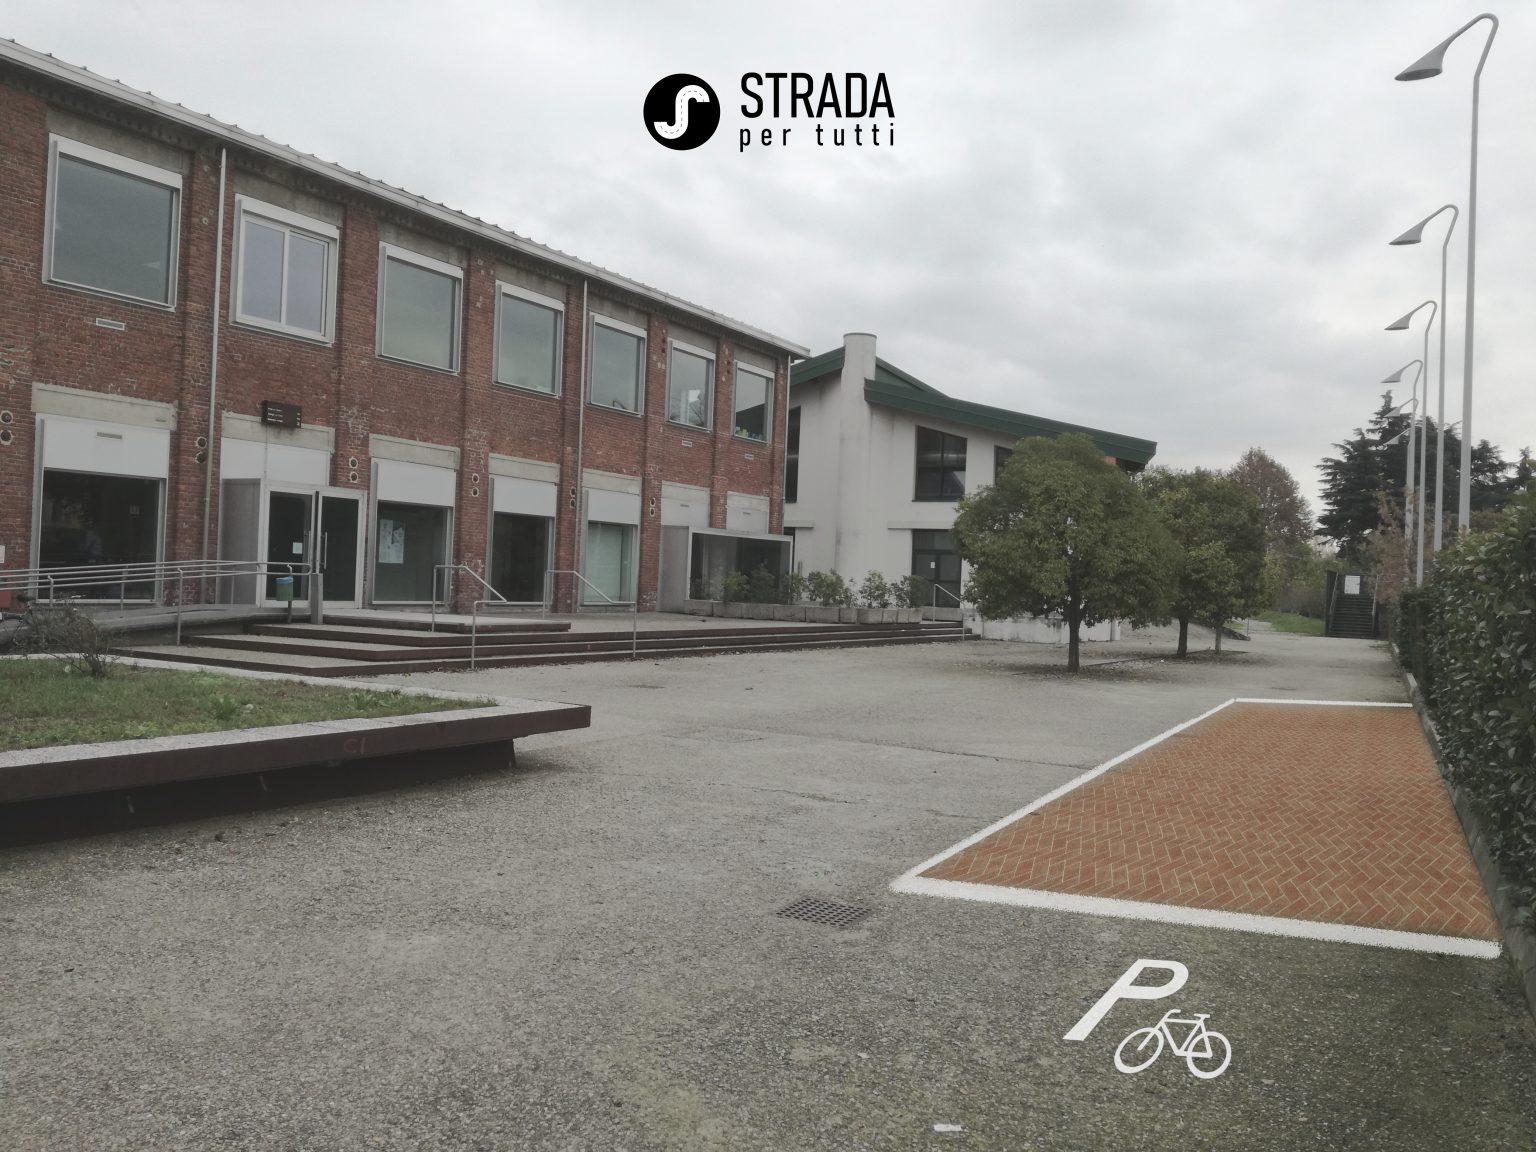 Parcheggio Biciclette (2/5)